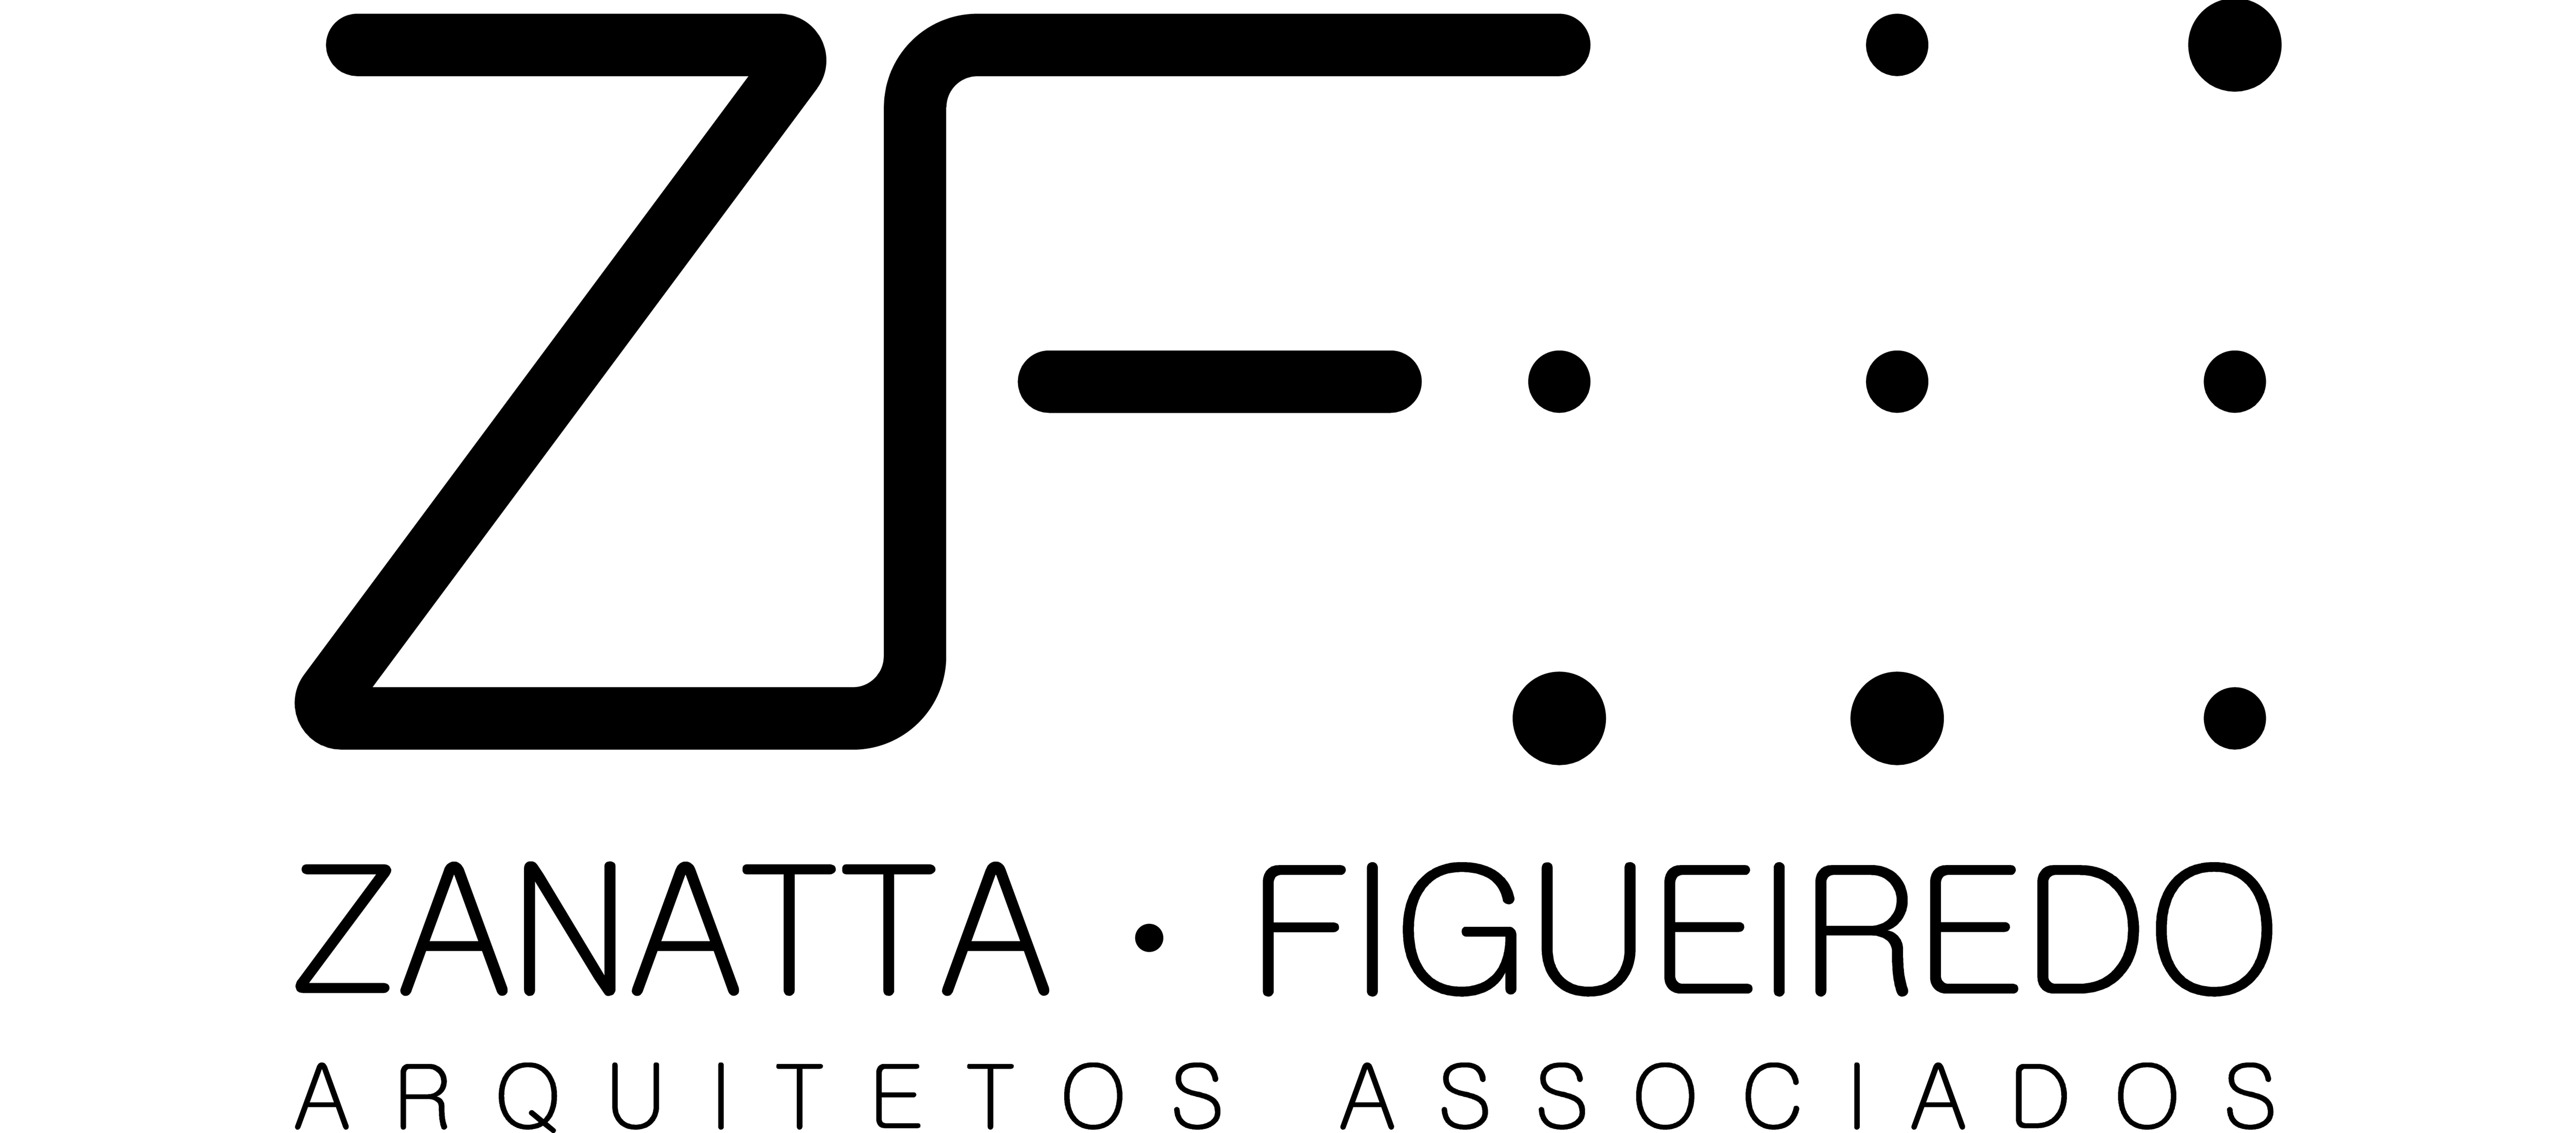 Zanatta Figueiredo